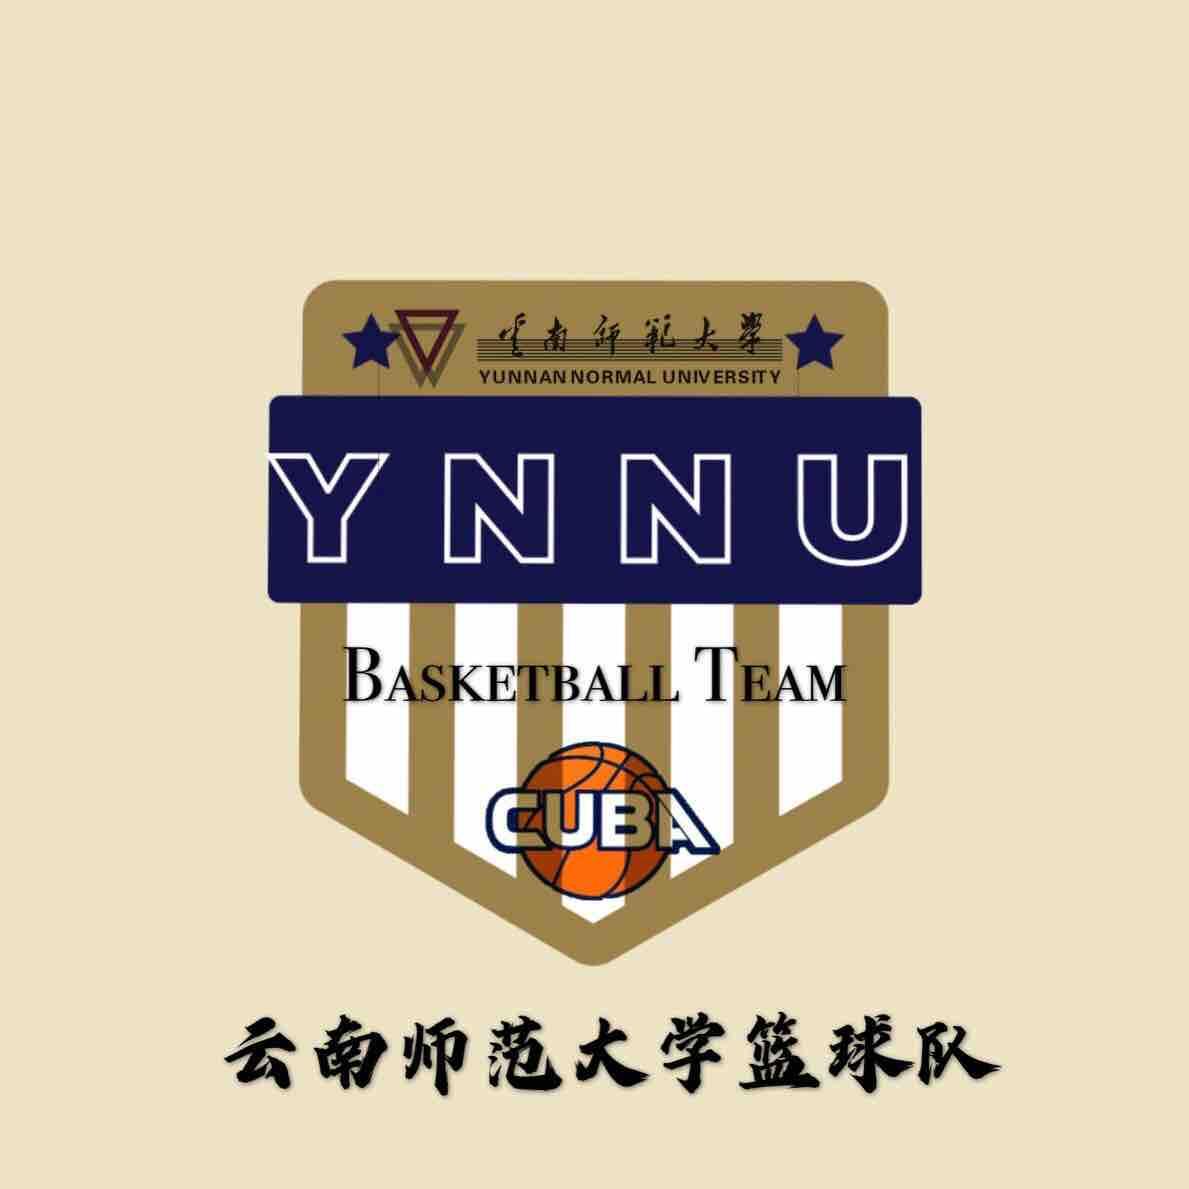 CUBA云南师范大学篮球